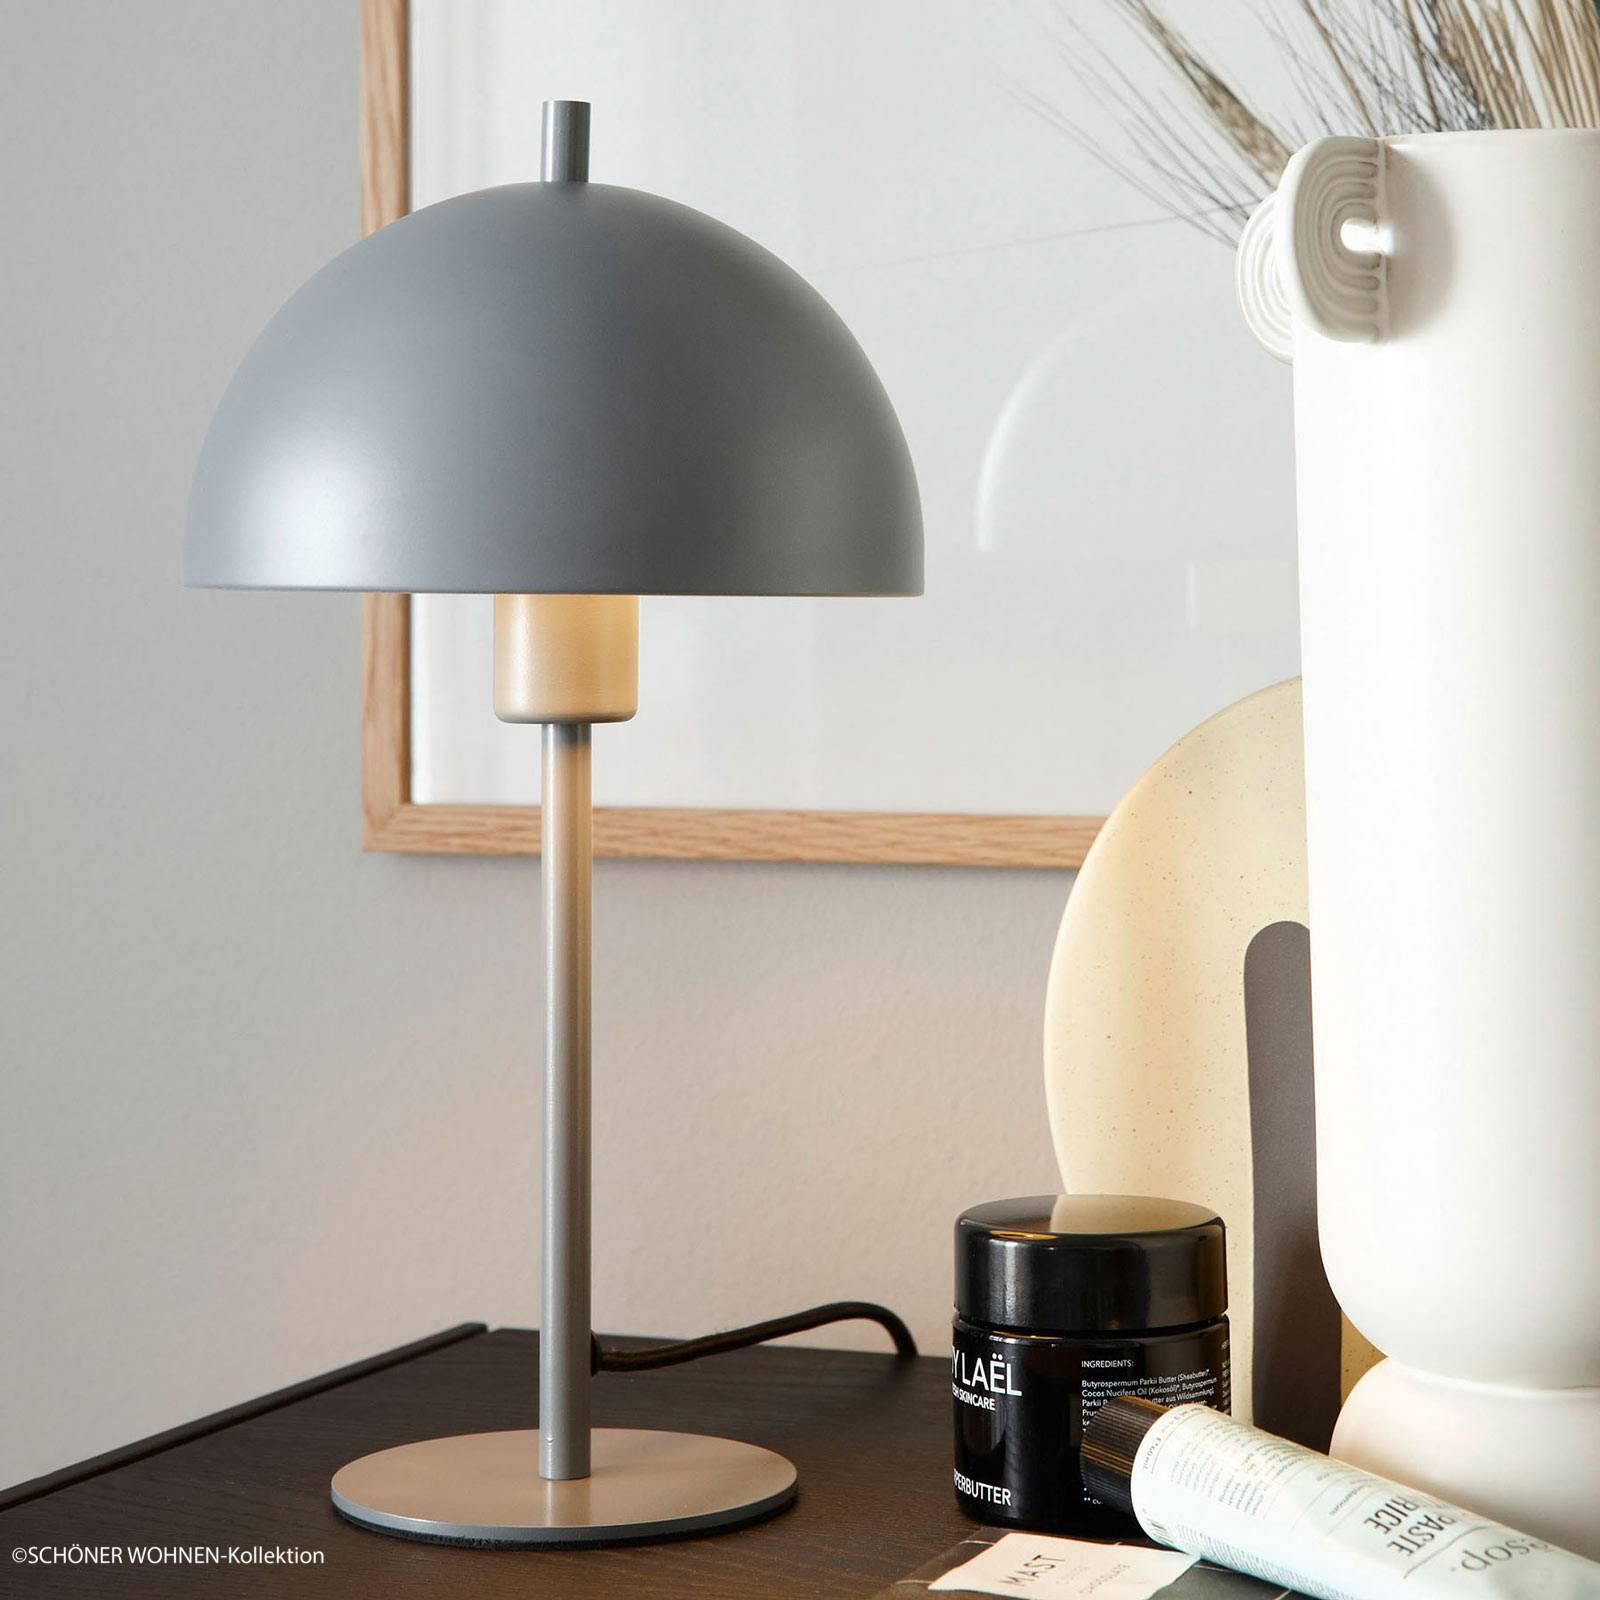 Schöner Wohnen Kia Tischleuchte grau Höhe 34 cm